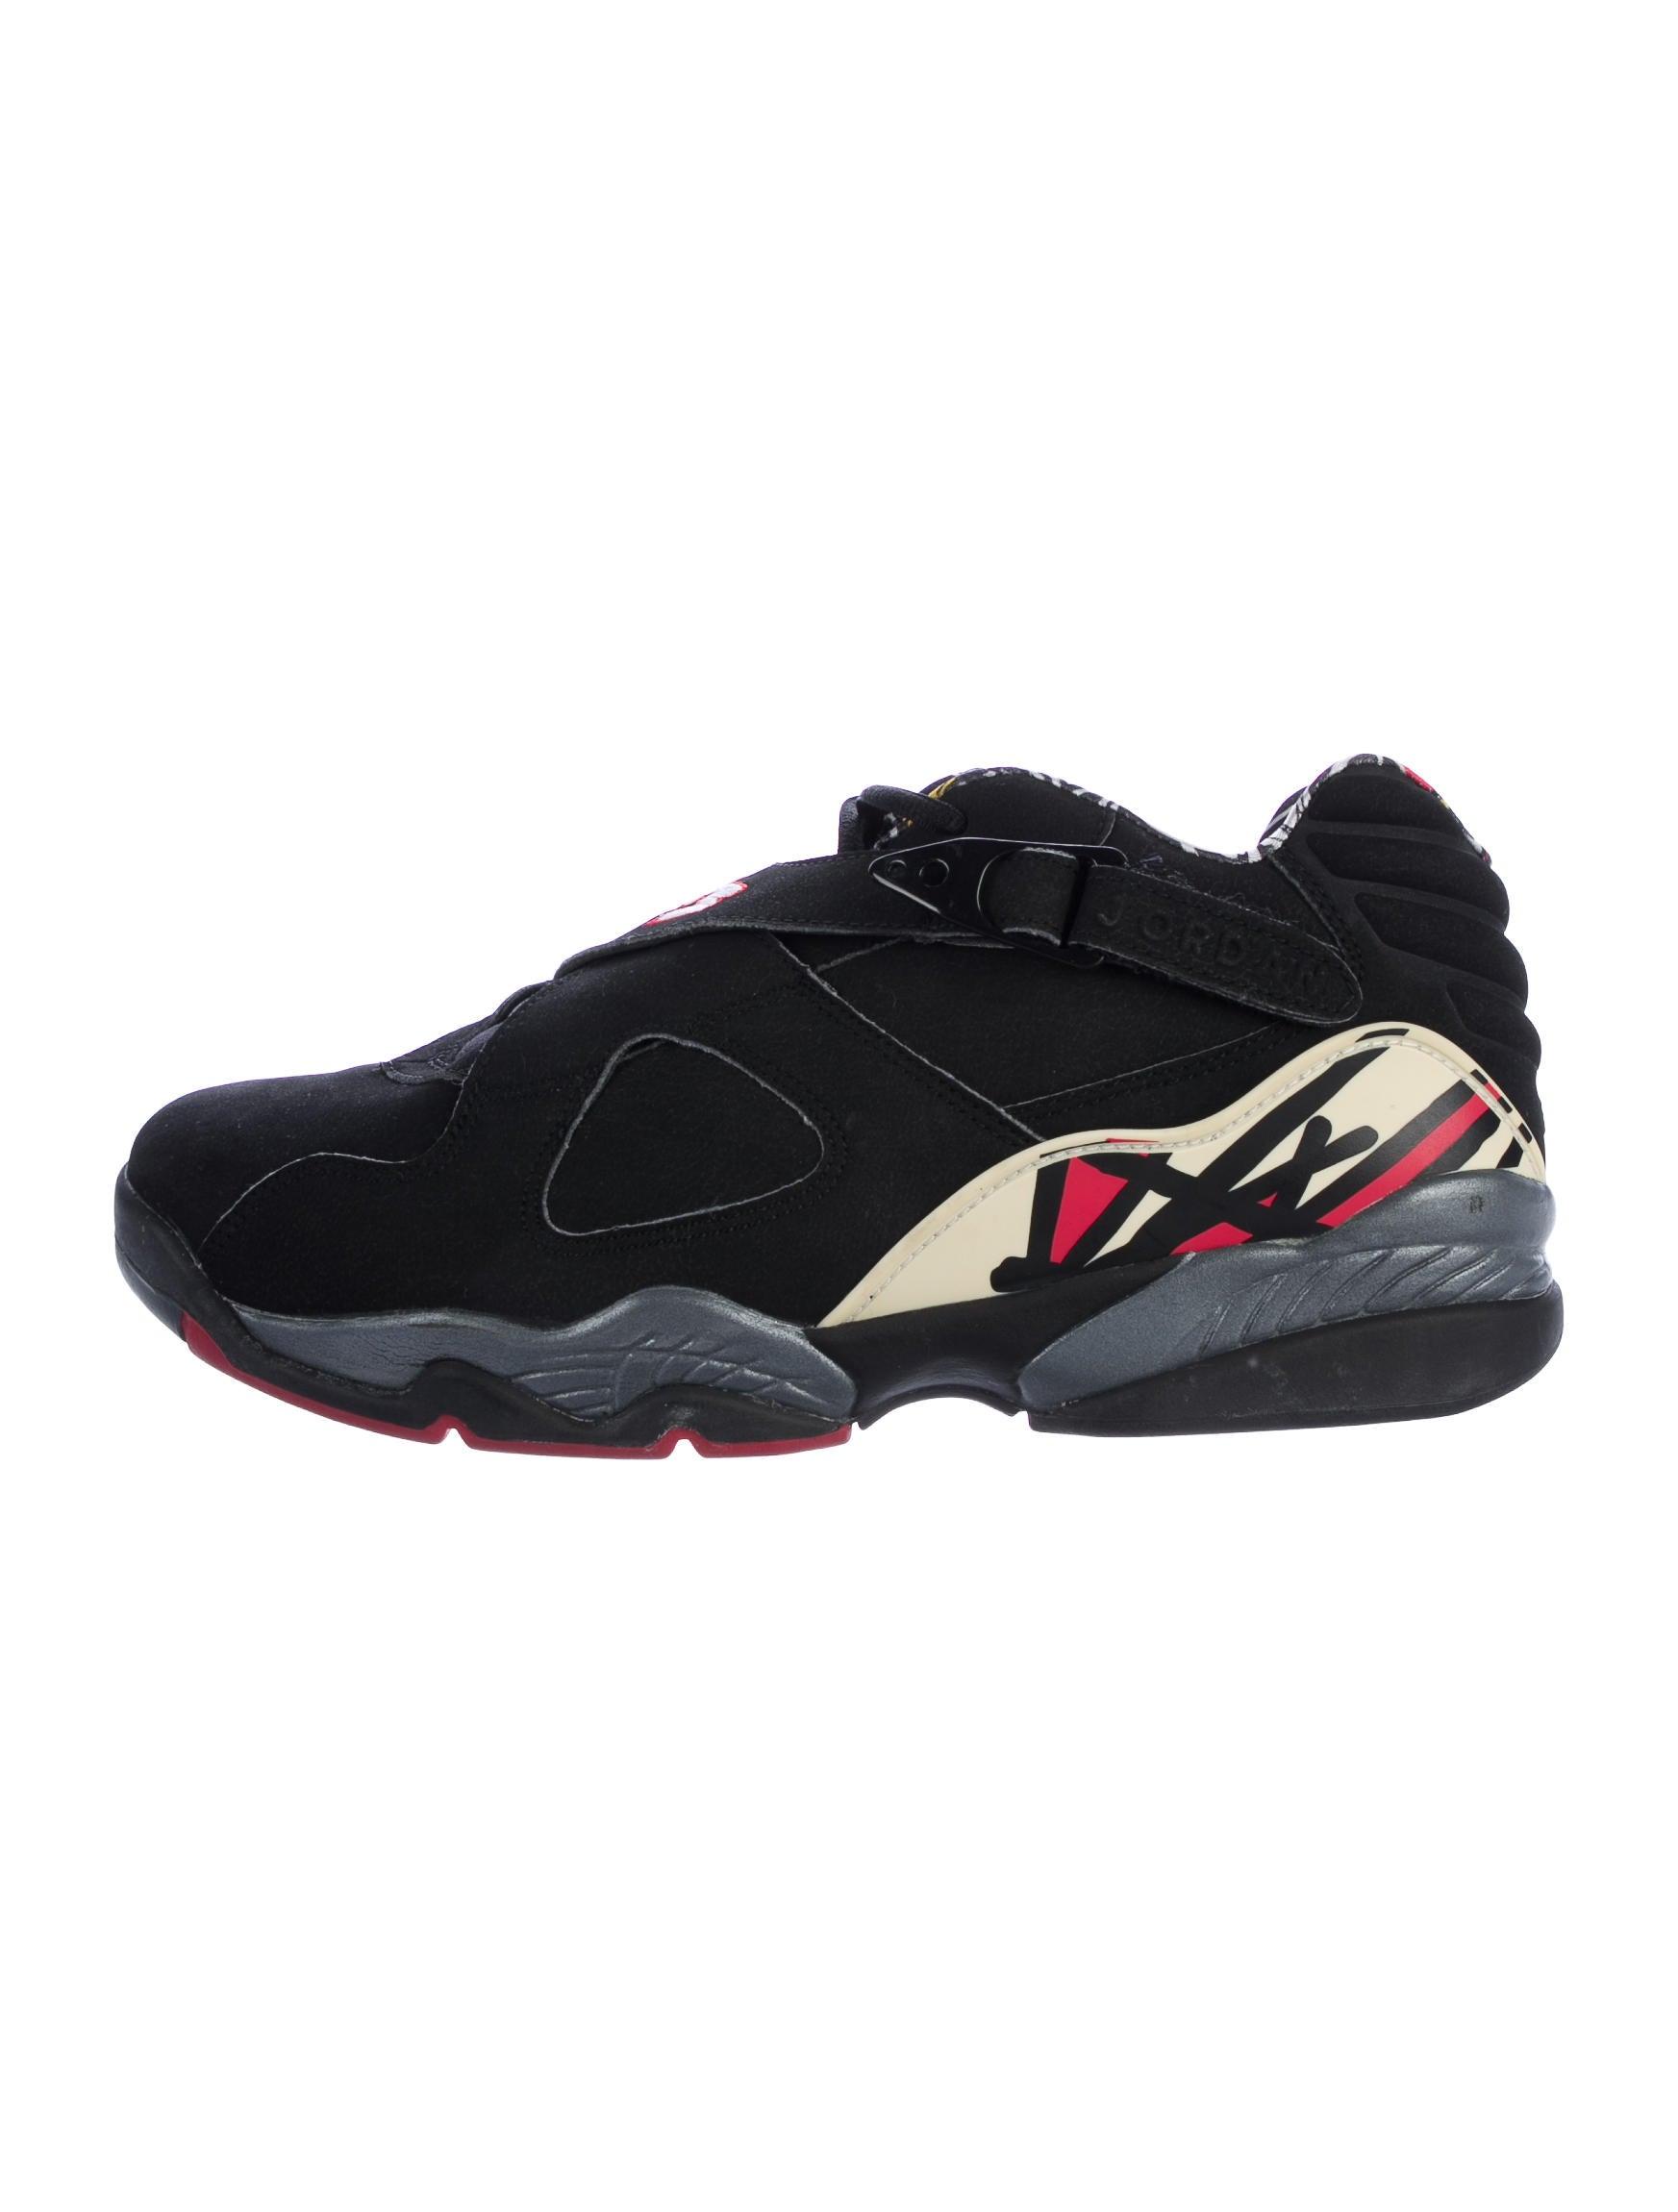 Nike Air Jordan 8 Retro Leather Low Top Sneakers Shoes